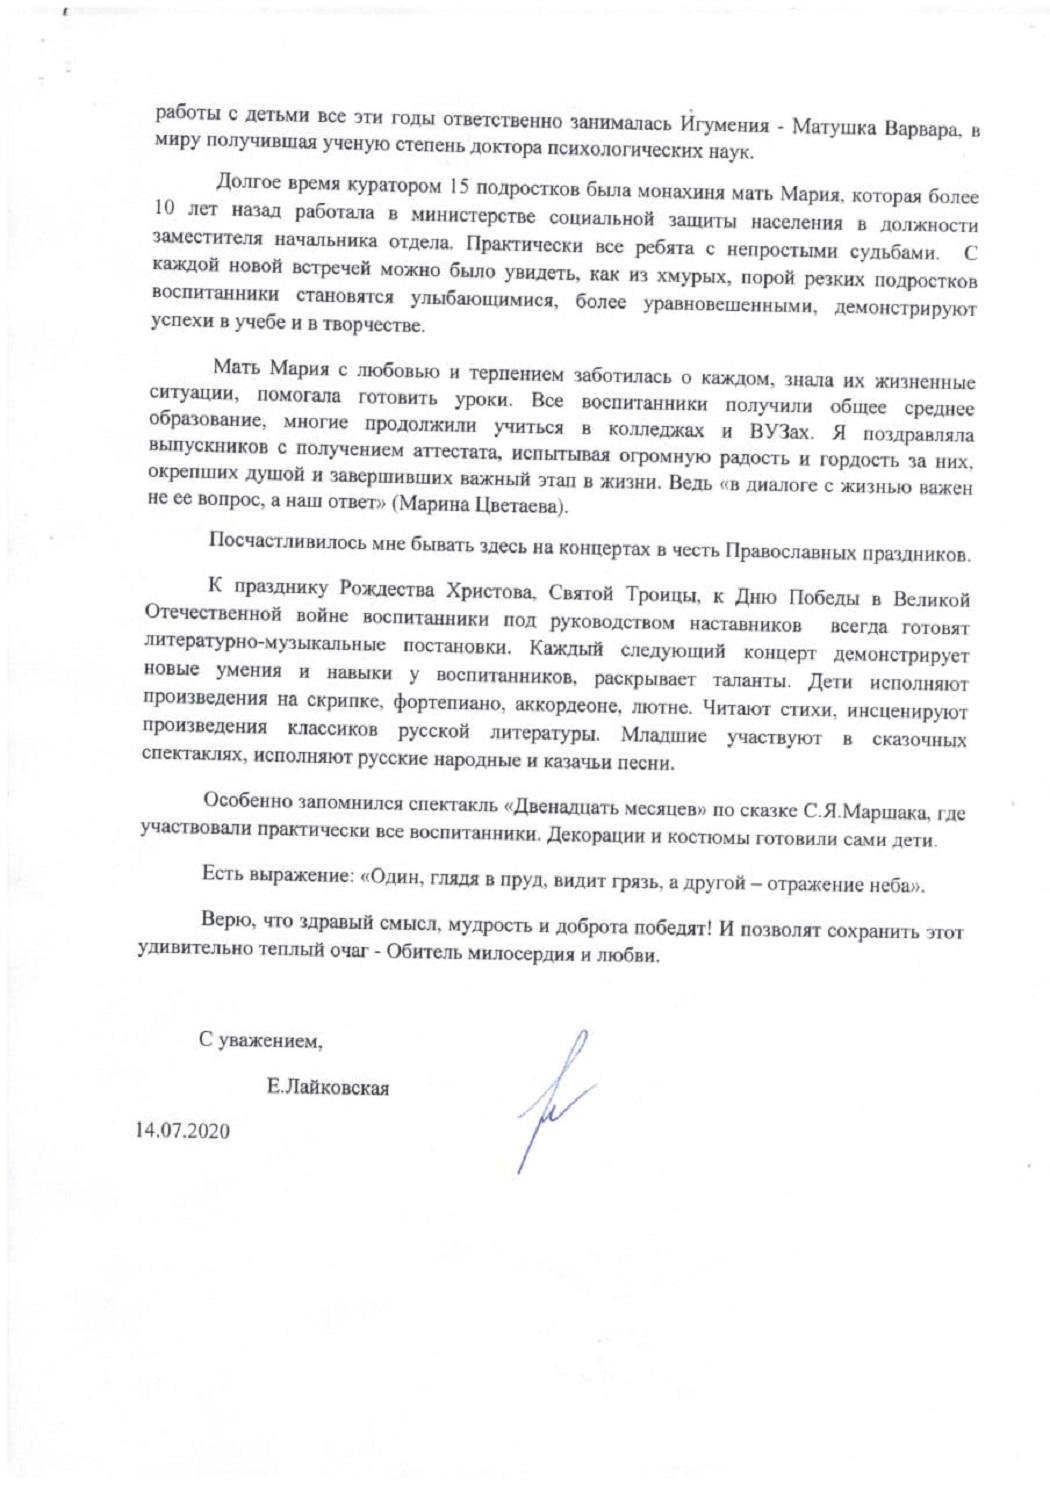 Заявление Лайковской2